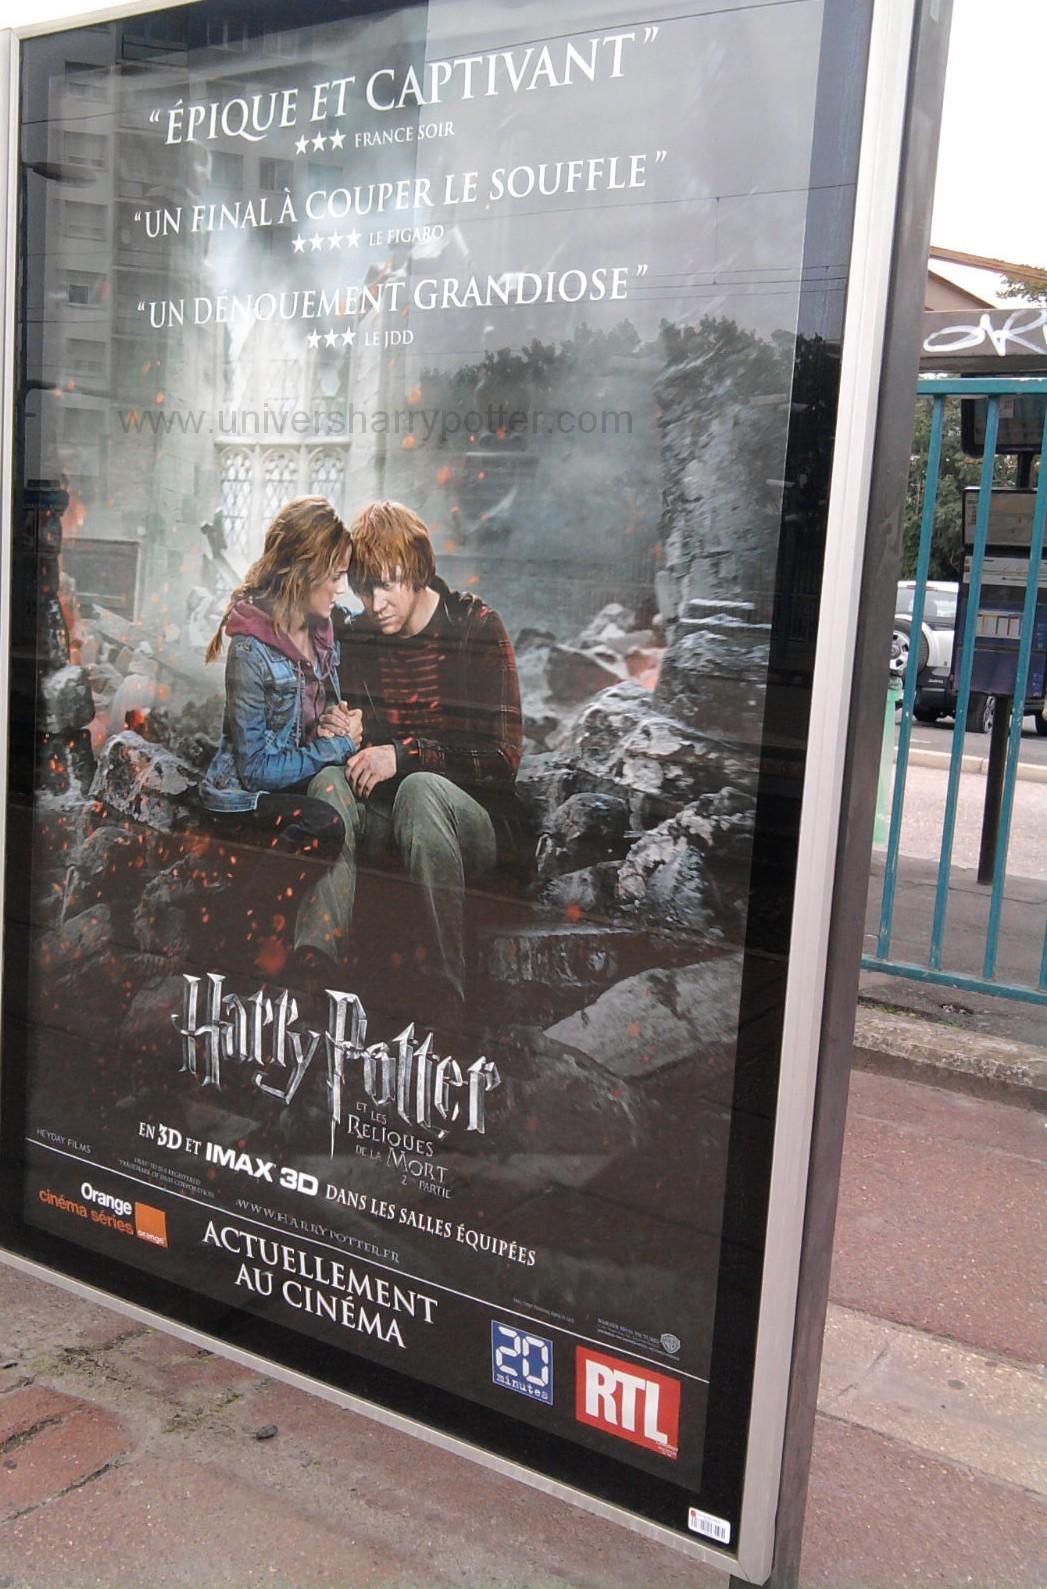 harrypotter-poster-paris